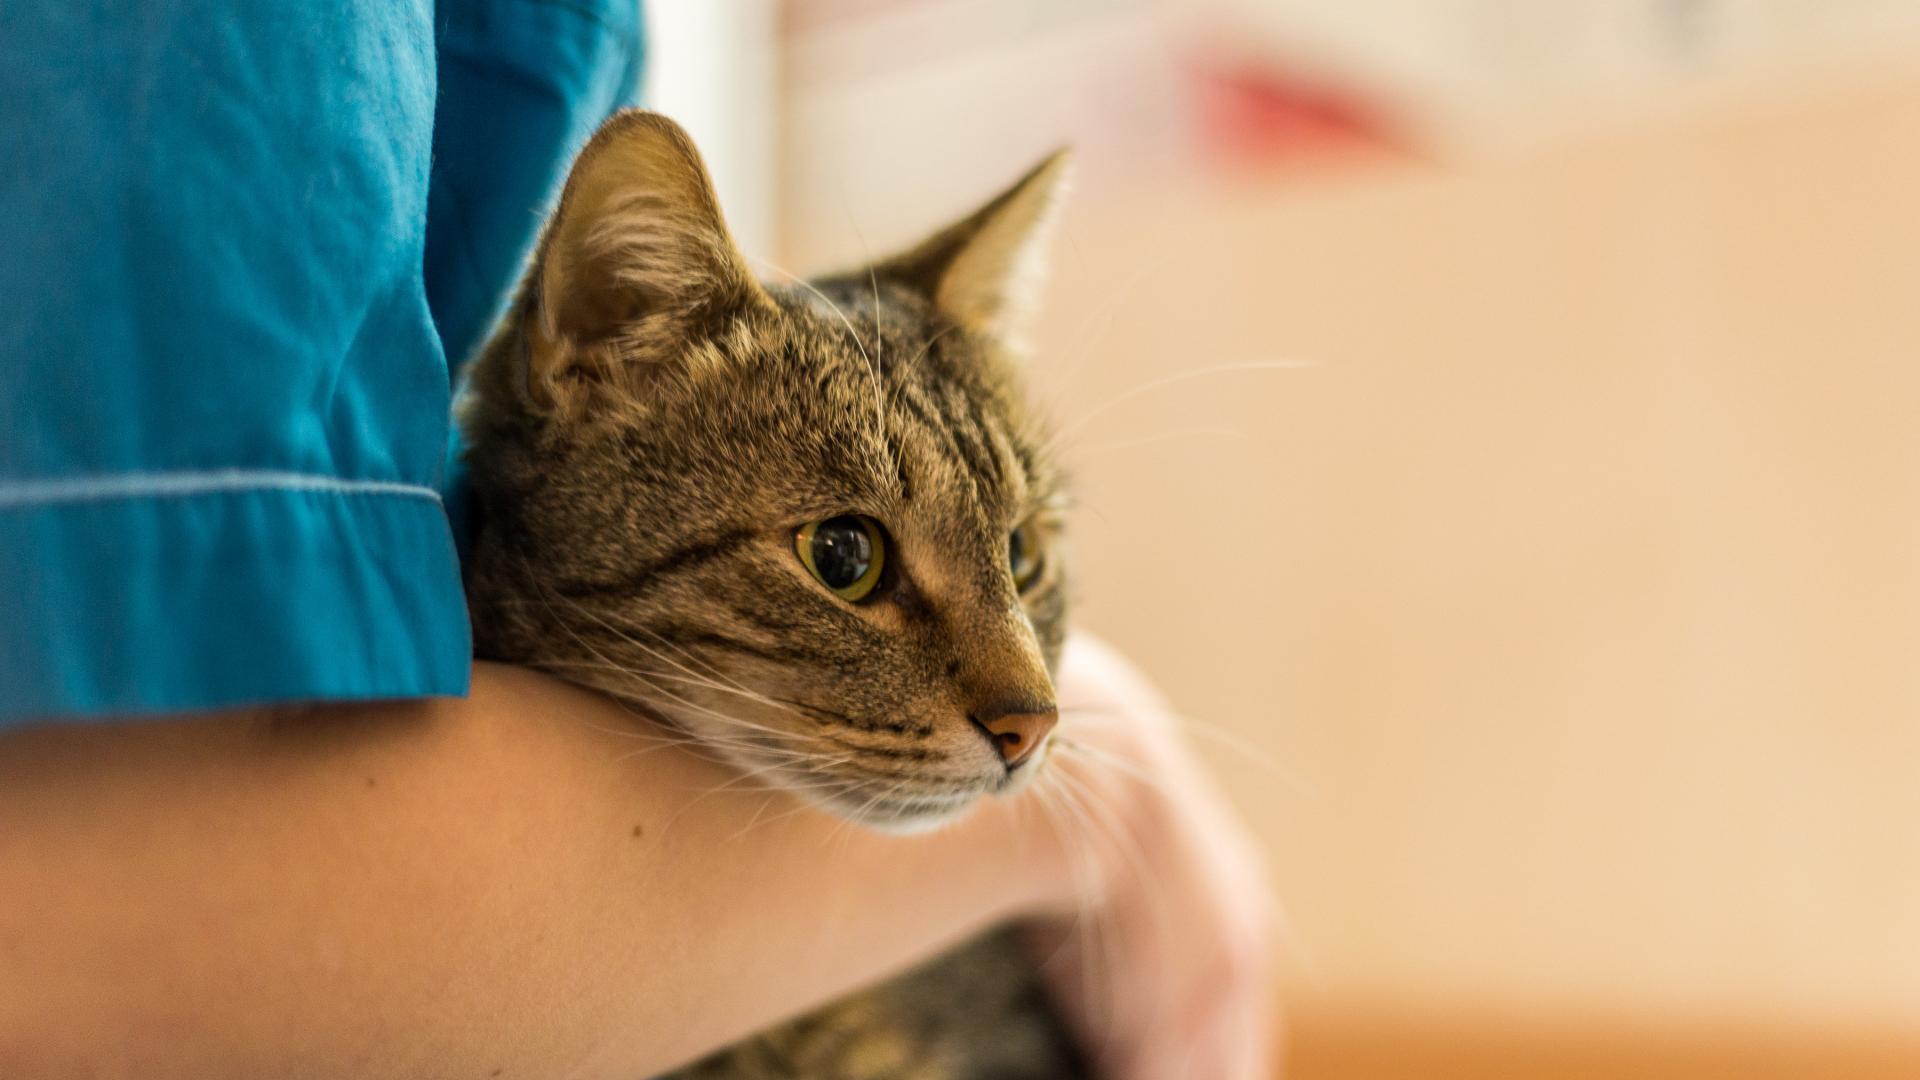 у кошки выделения должен лечить ветеринар